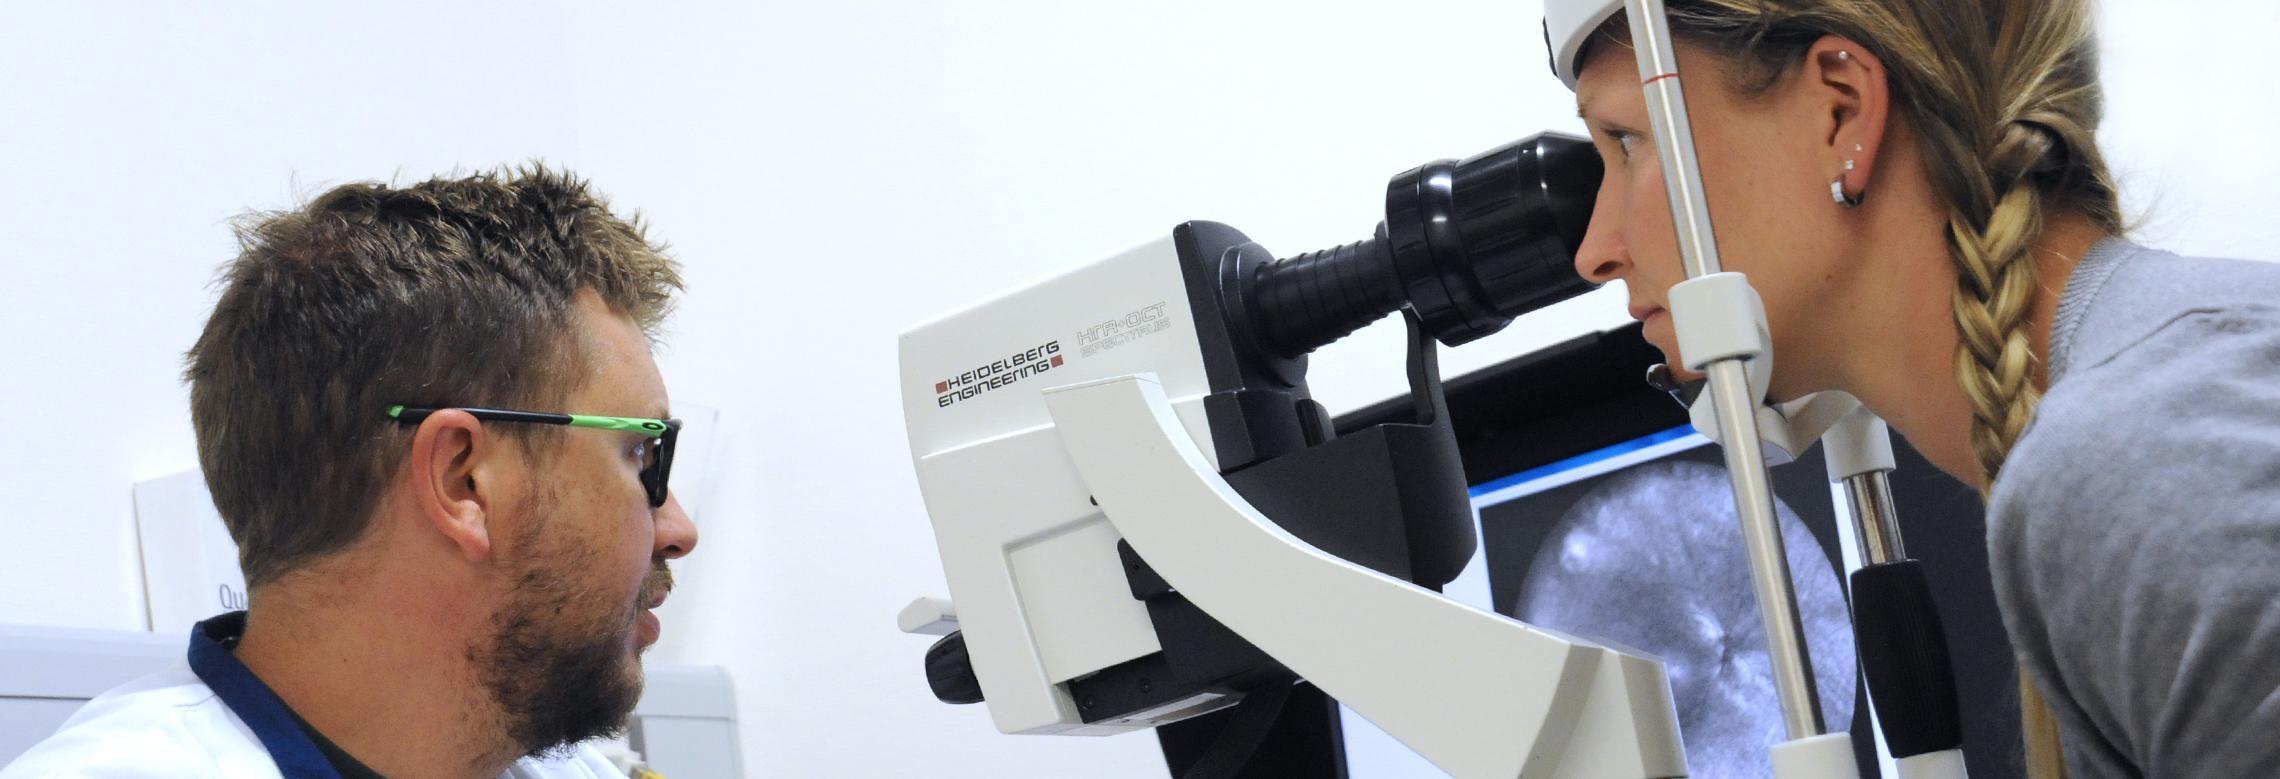 Image d'un examen sur une patiente